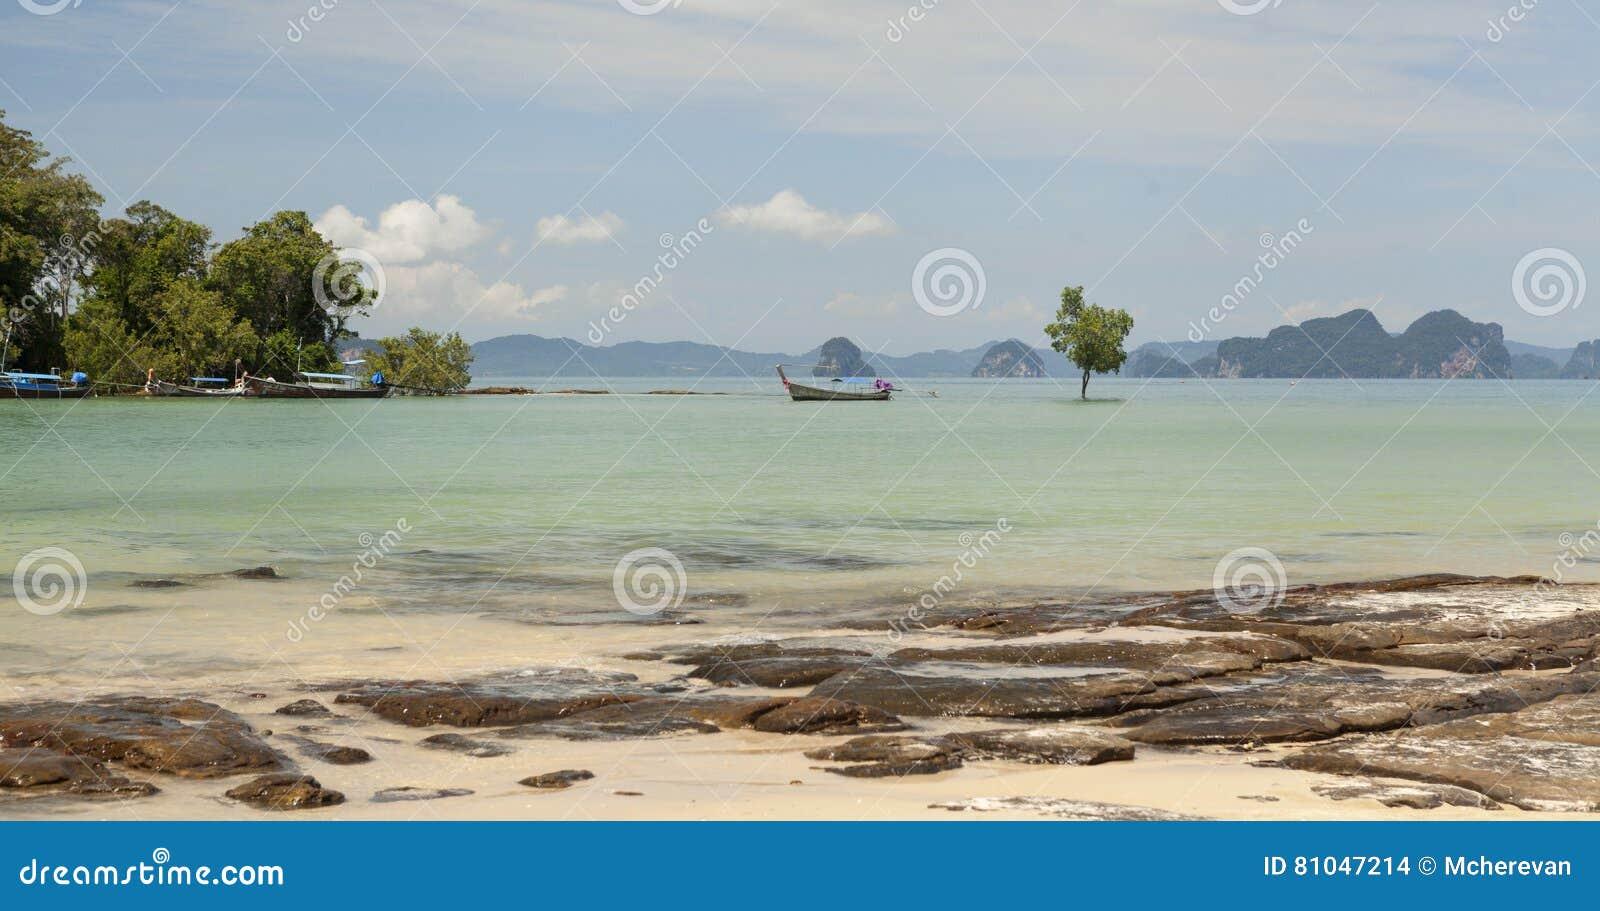 Piękna plaża z dennymi widokami i tradycyjną Tajlandzką łodzią rybacką Piękna plaża z tropikalnymi drzewami z fala morze i